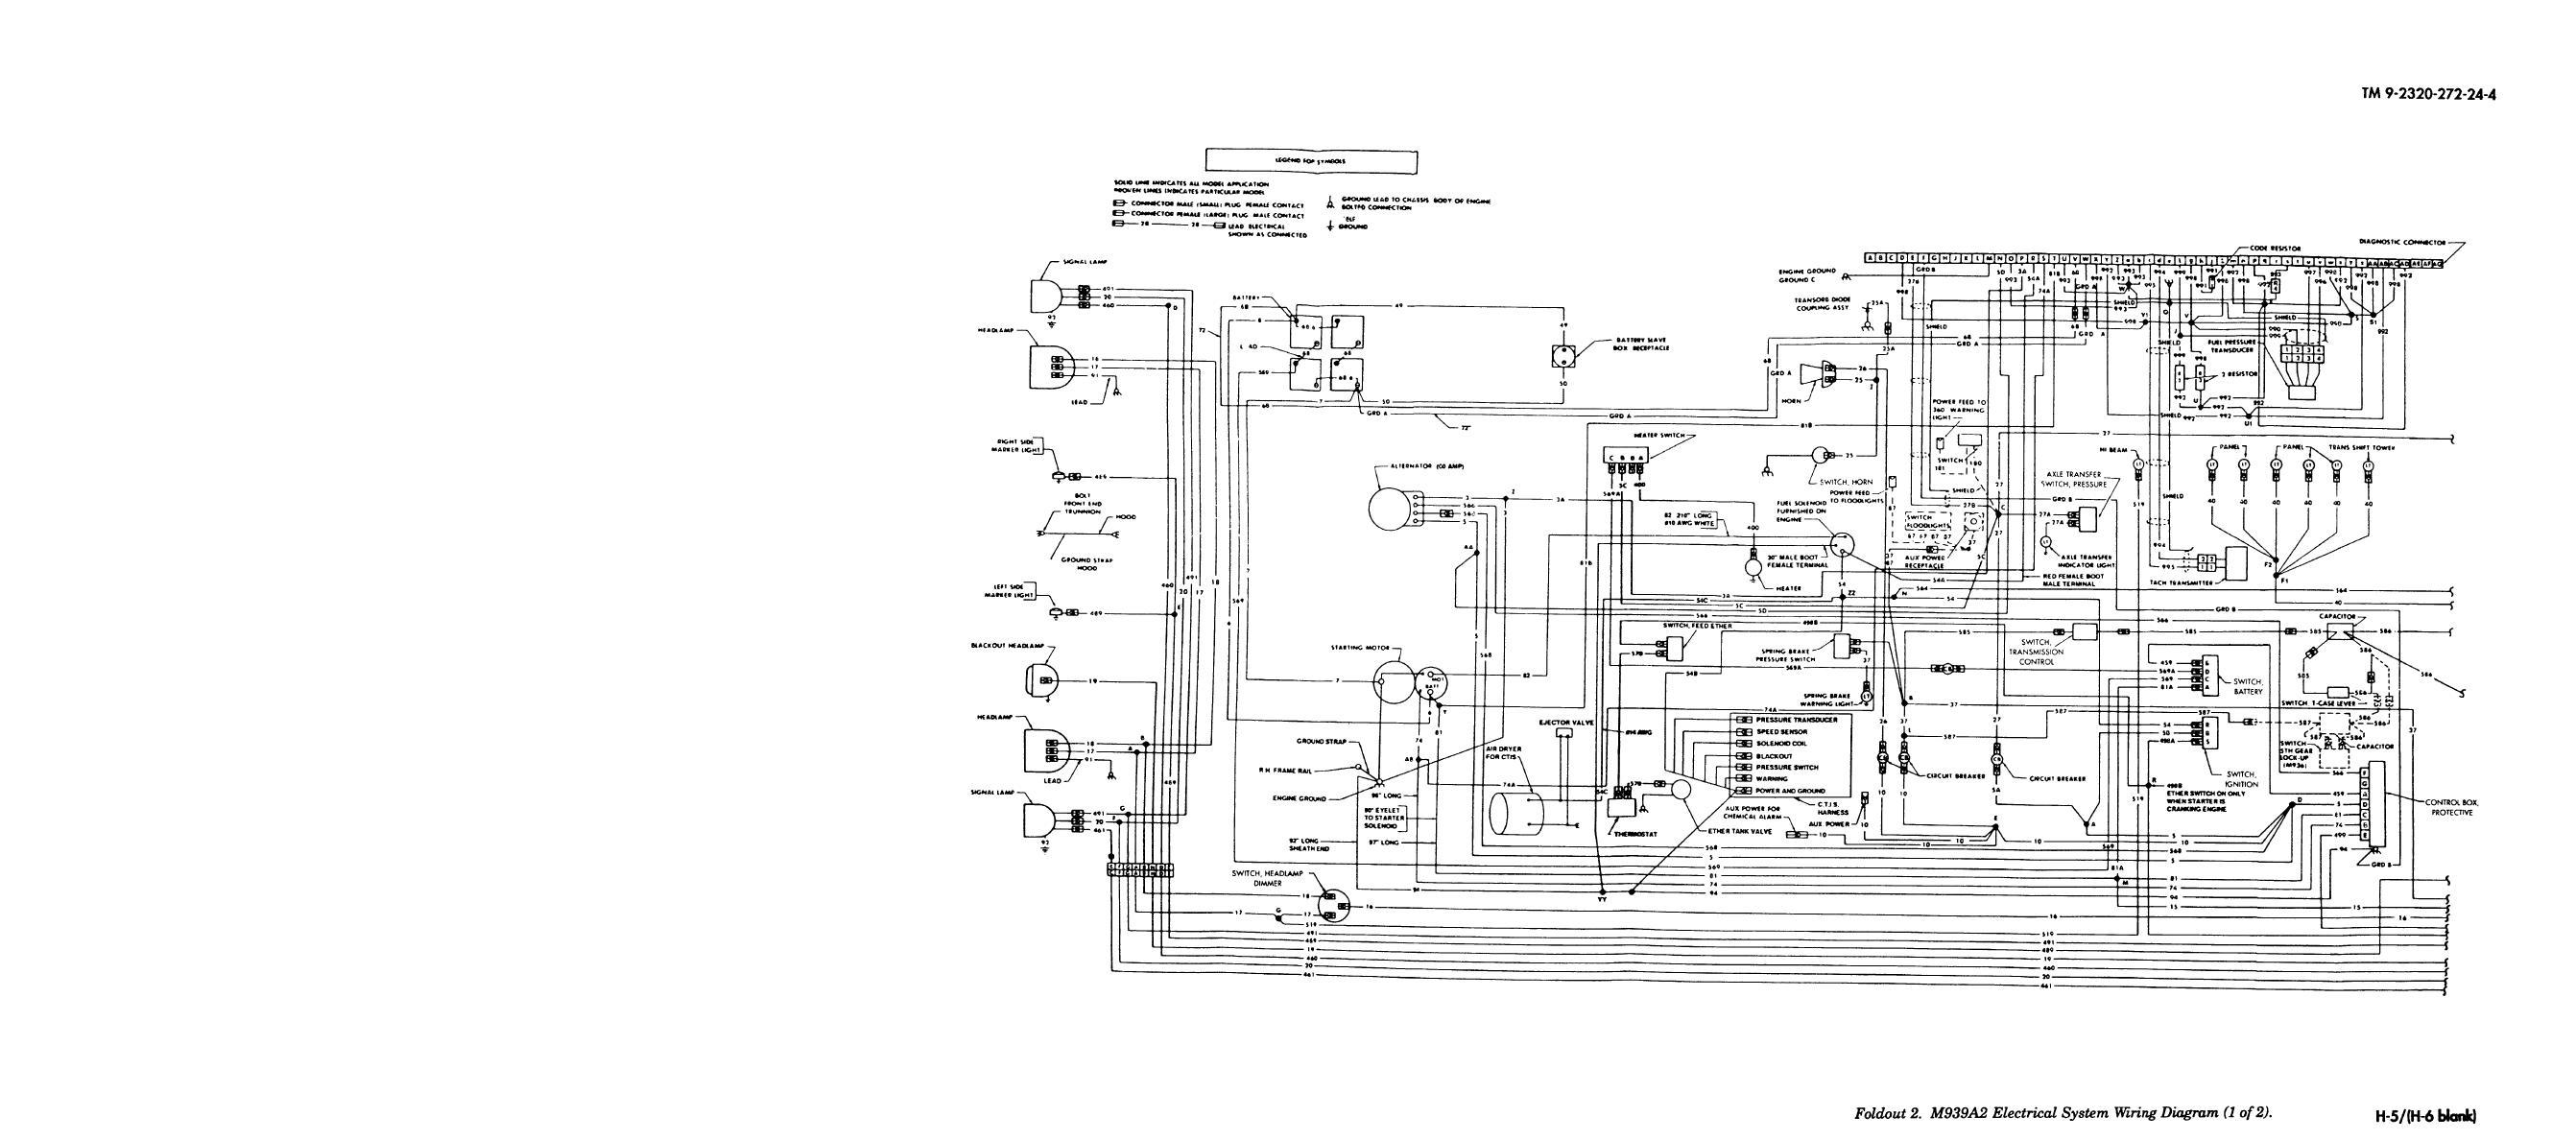 m997 wiring diagram wiring diagram database Guitar Wiring Diagrams m997 wiring diagram wiring diagram data m997 wiring diagram